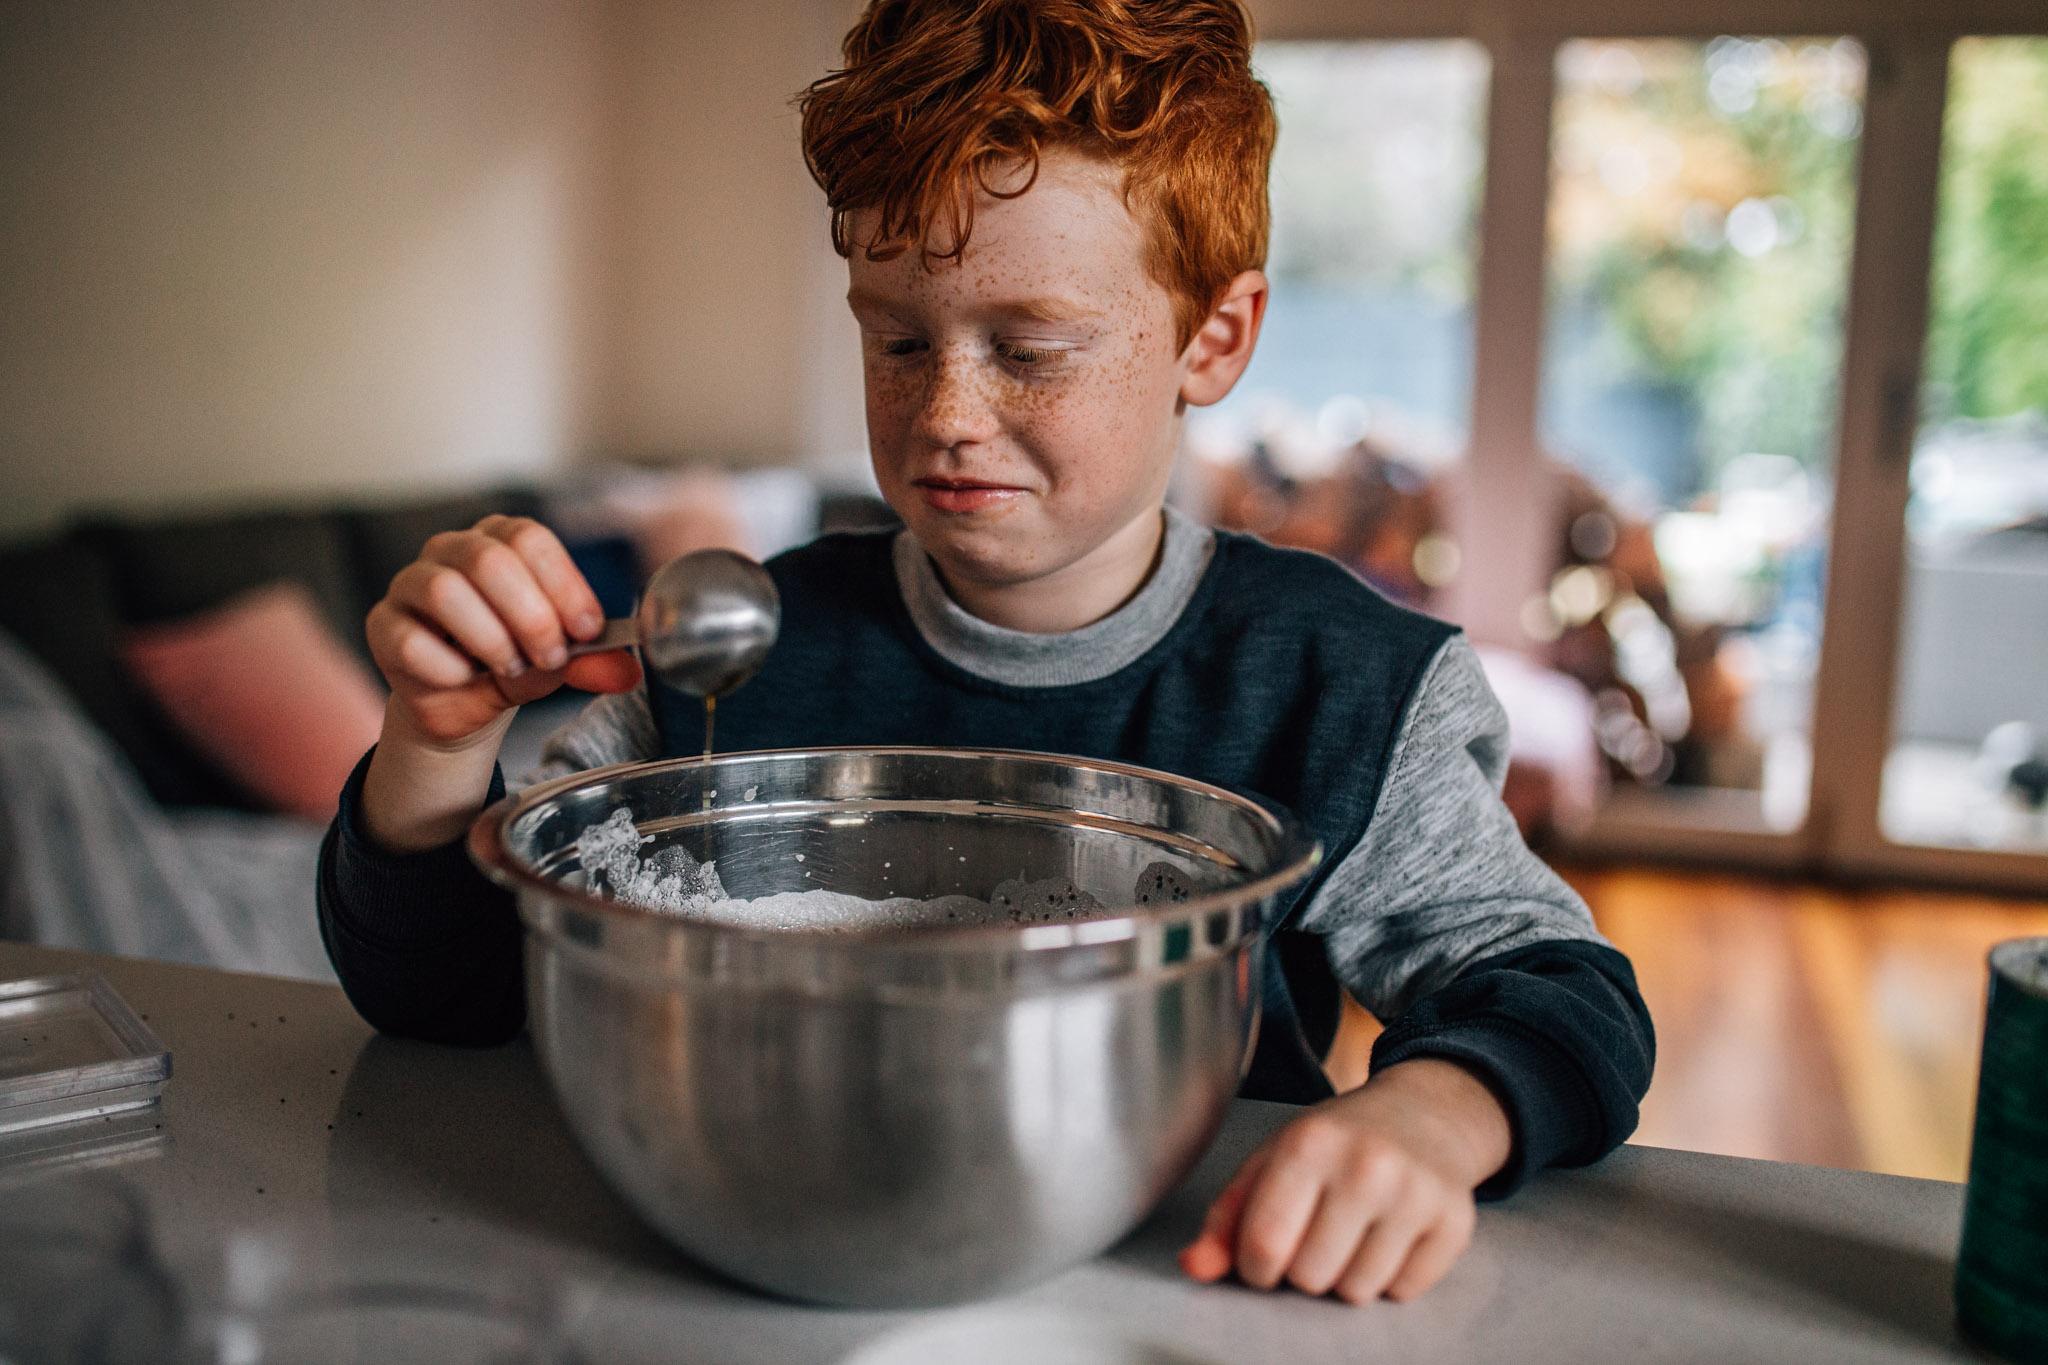 Boy tasting cooking.